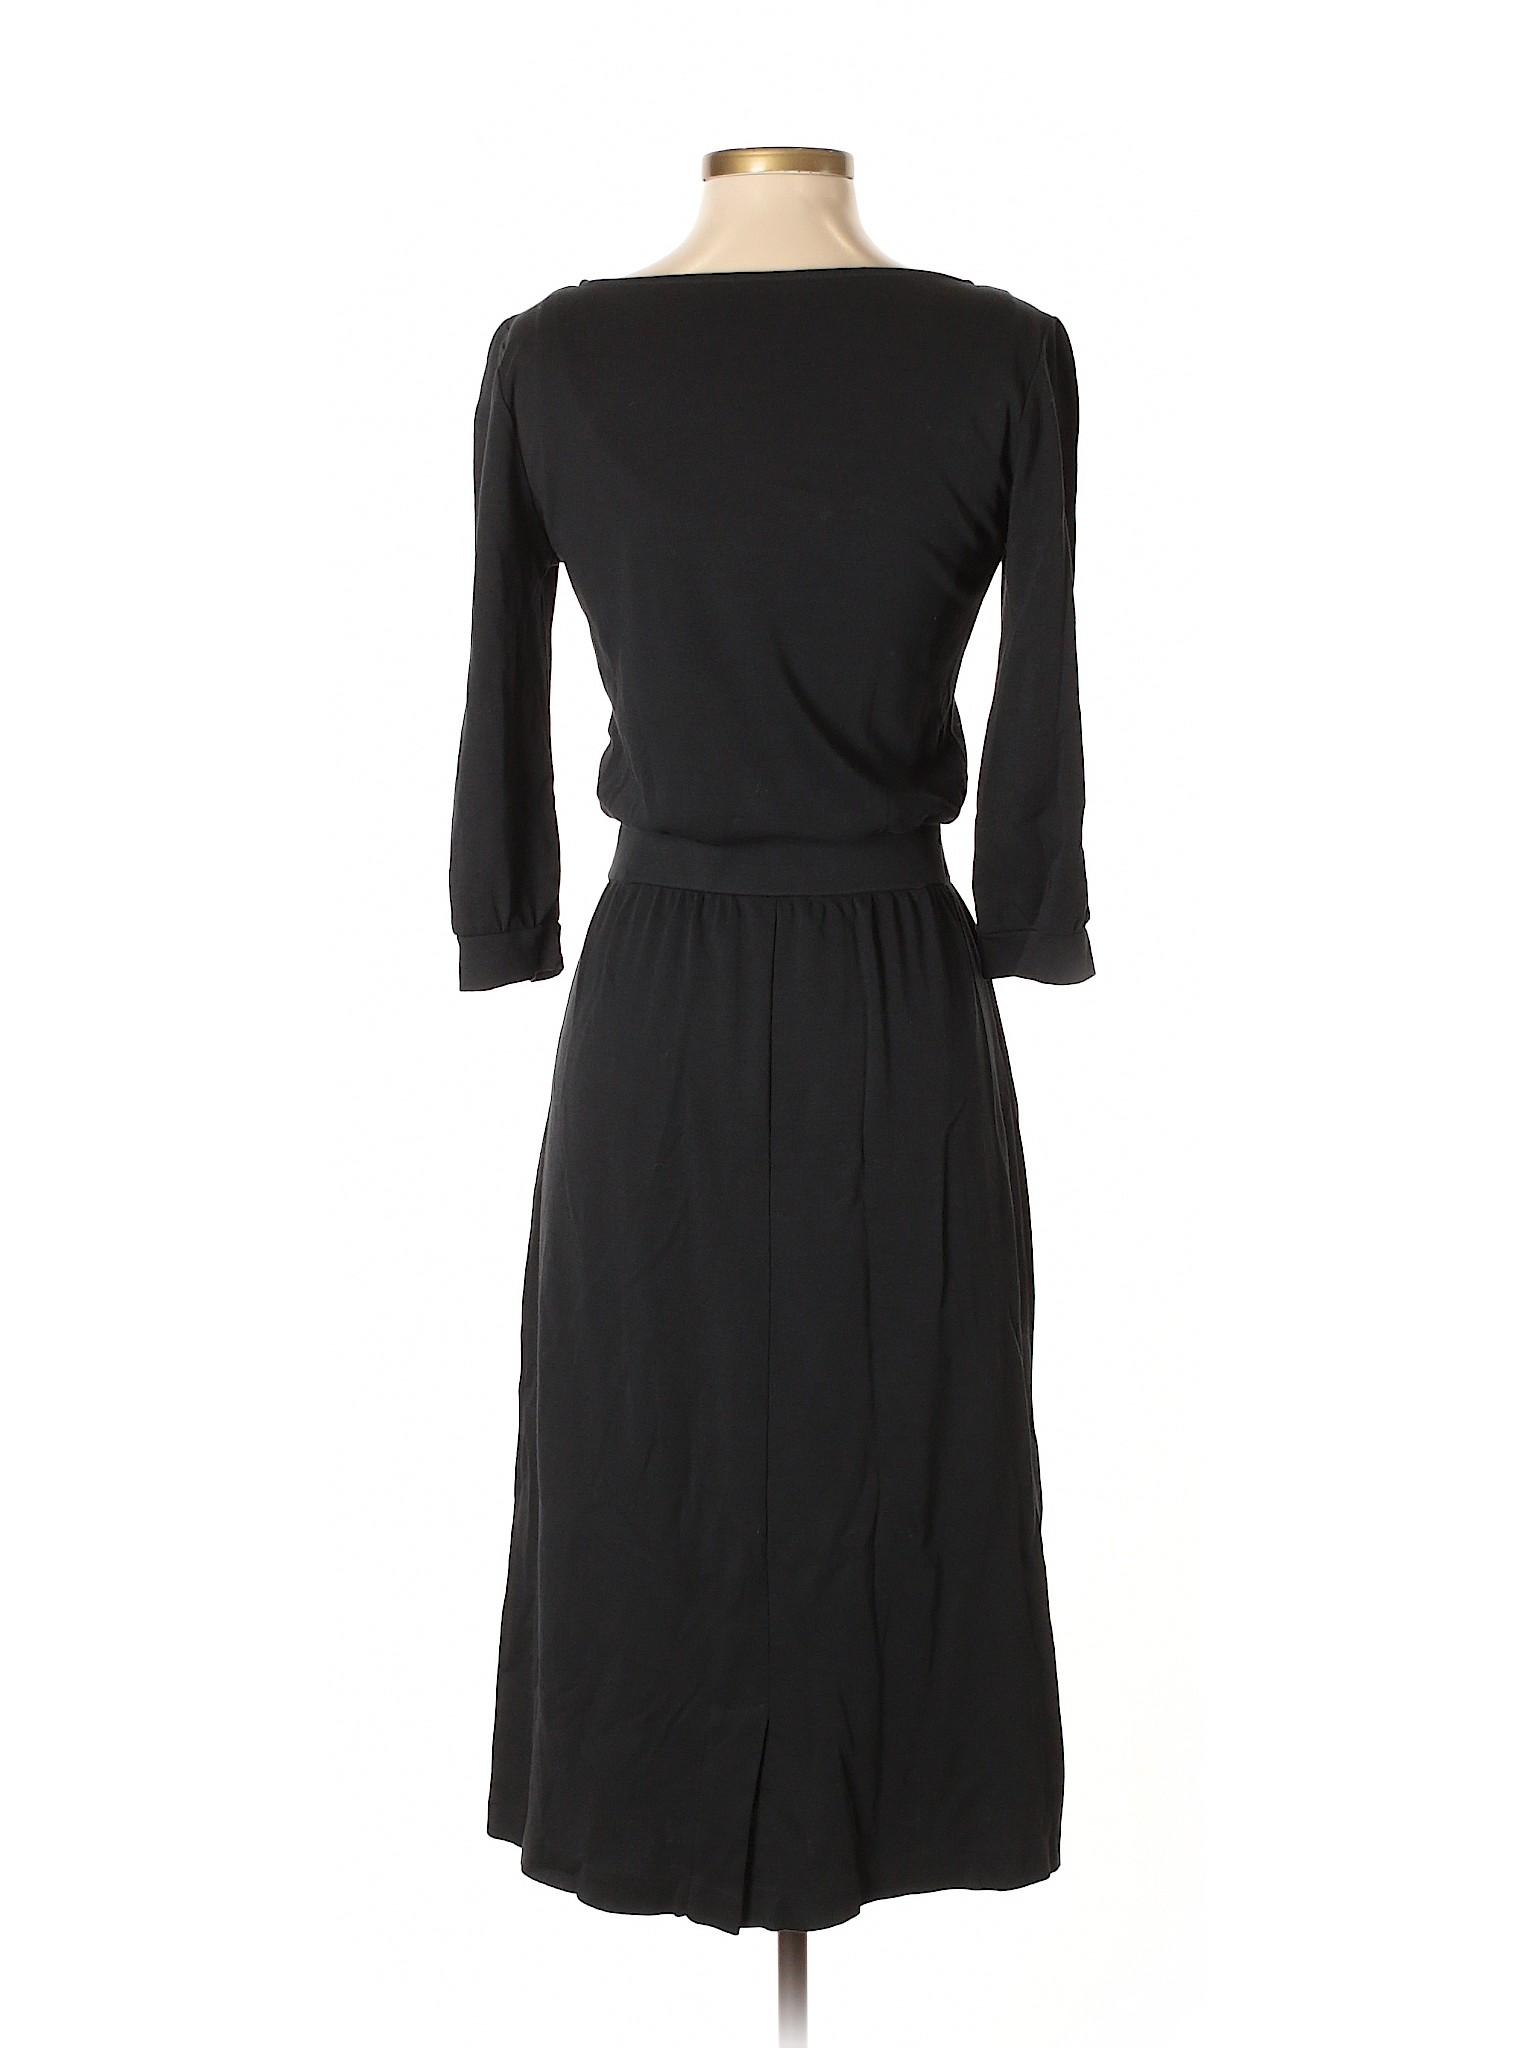 Boutique Dress Casual Fair winter Indigo wIXaxwnr